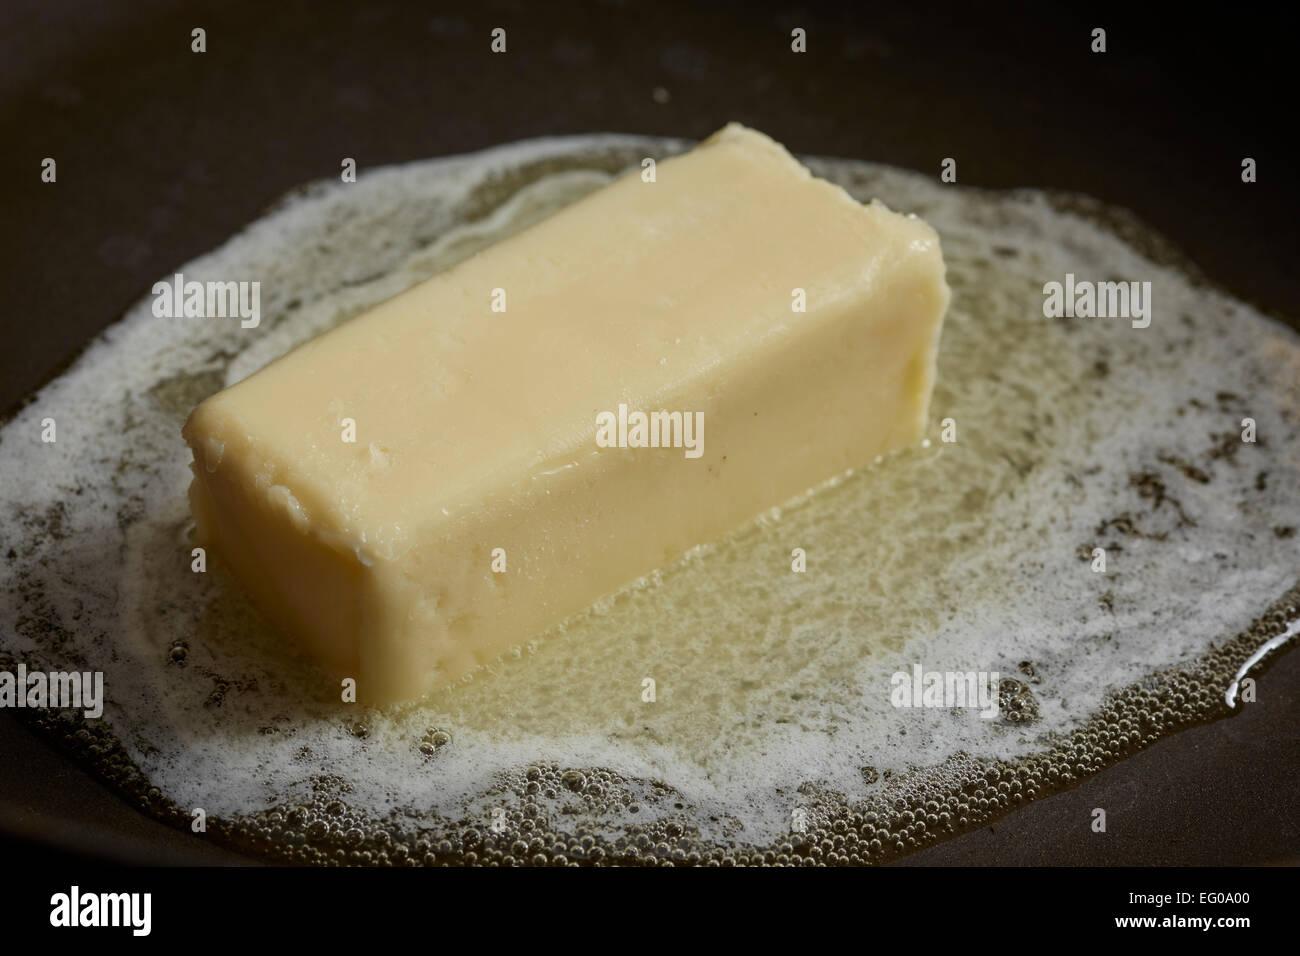 La fonte du beurre dans une poêle Photo Stock